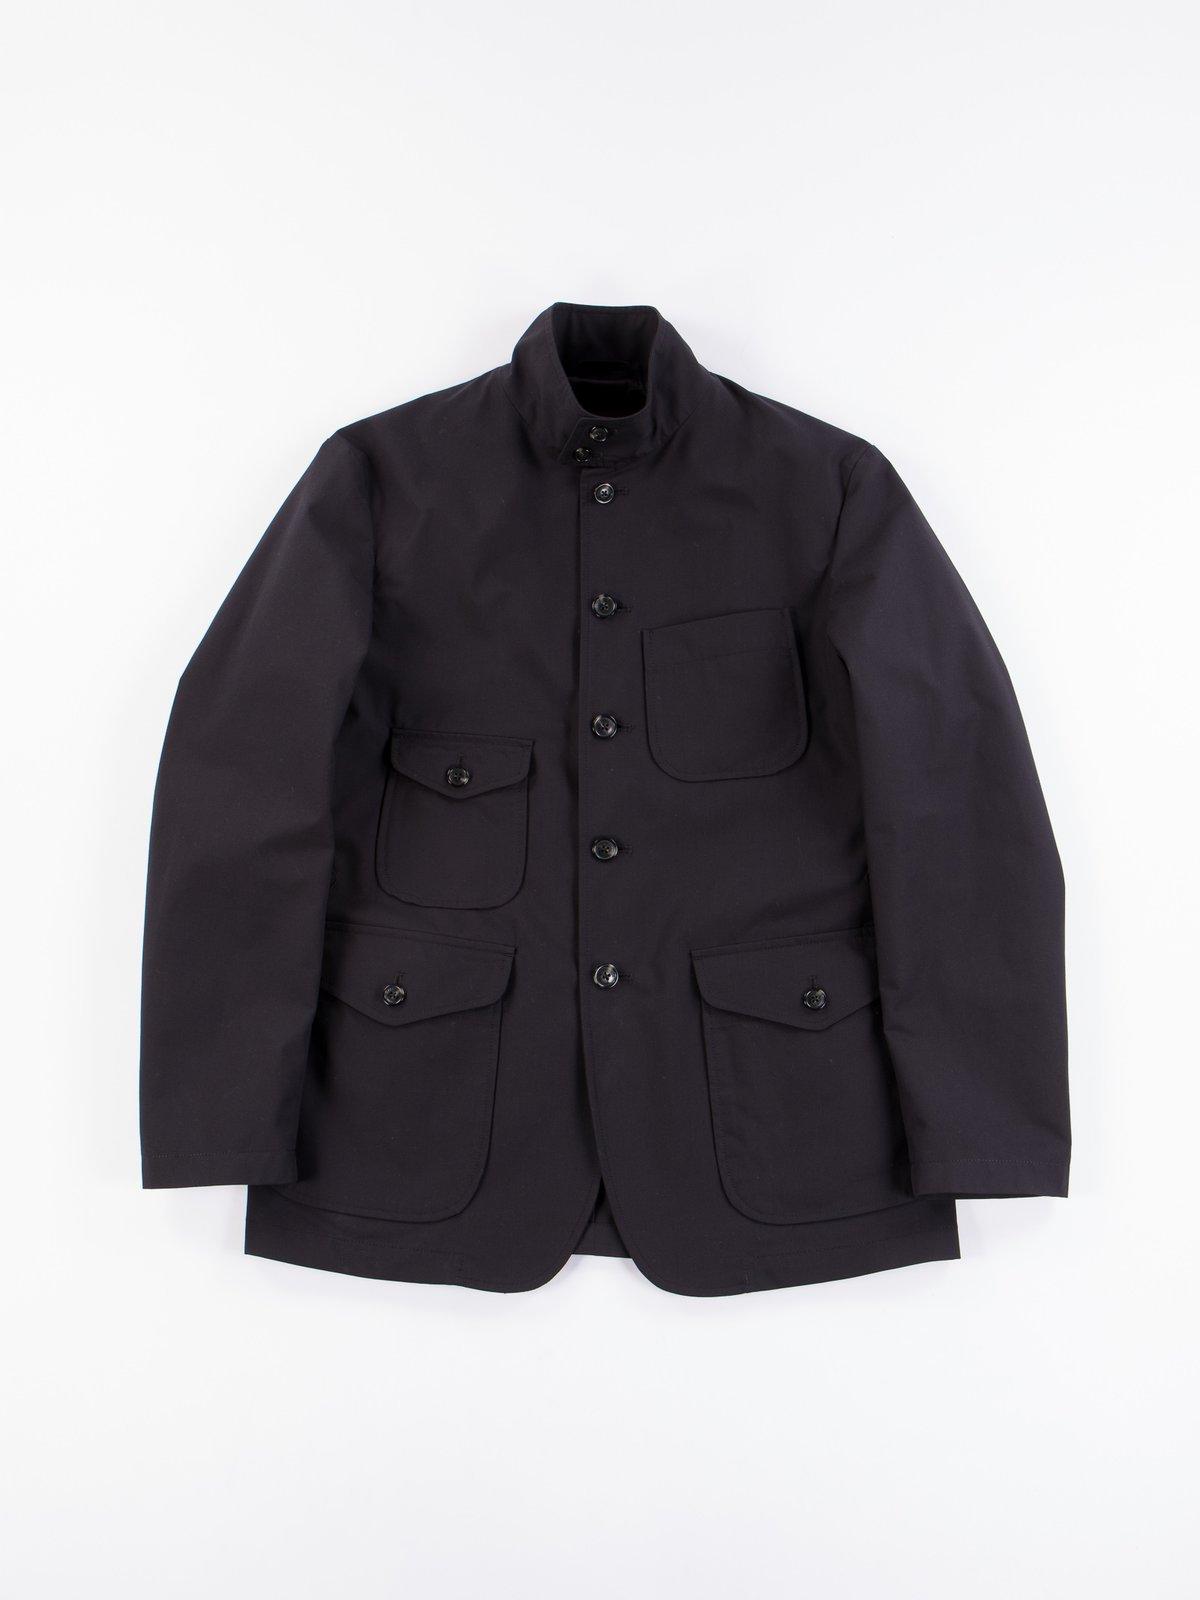 Black Structured EG Blazer - Image 1